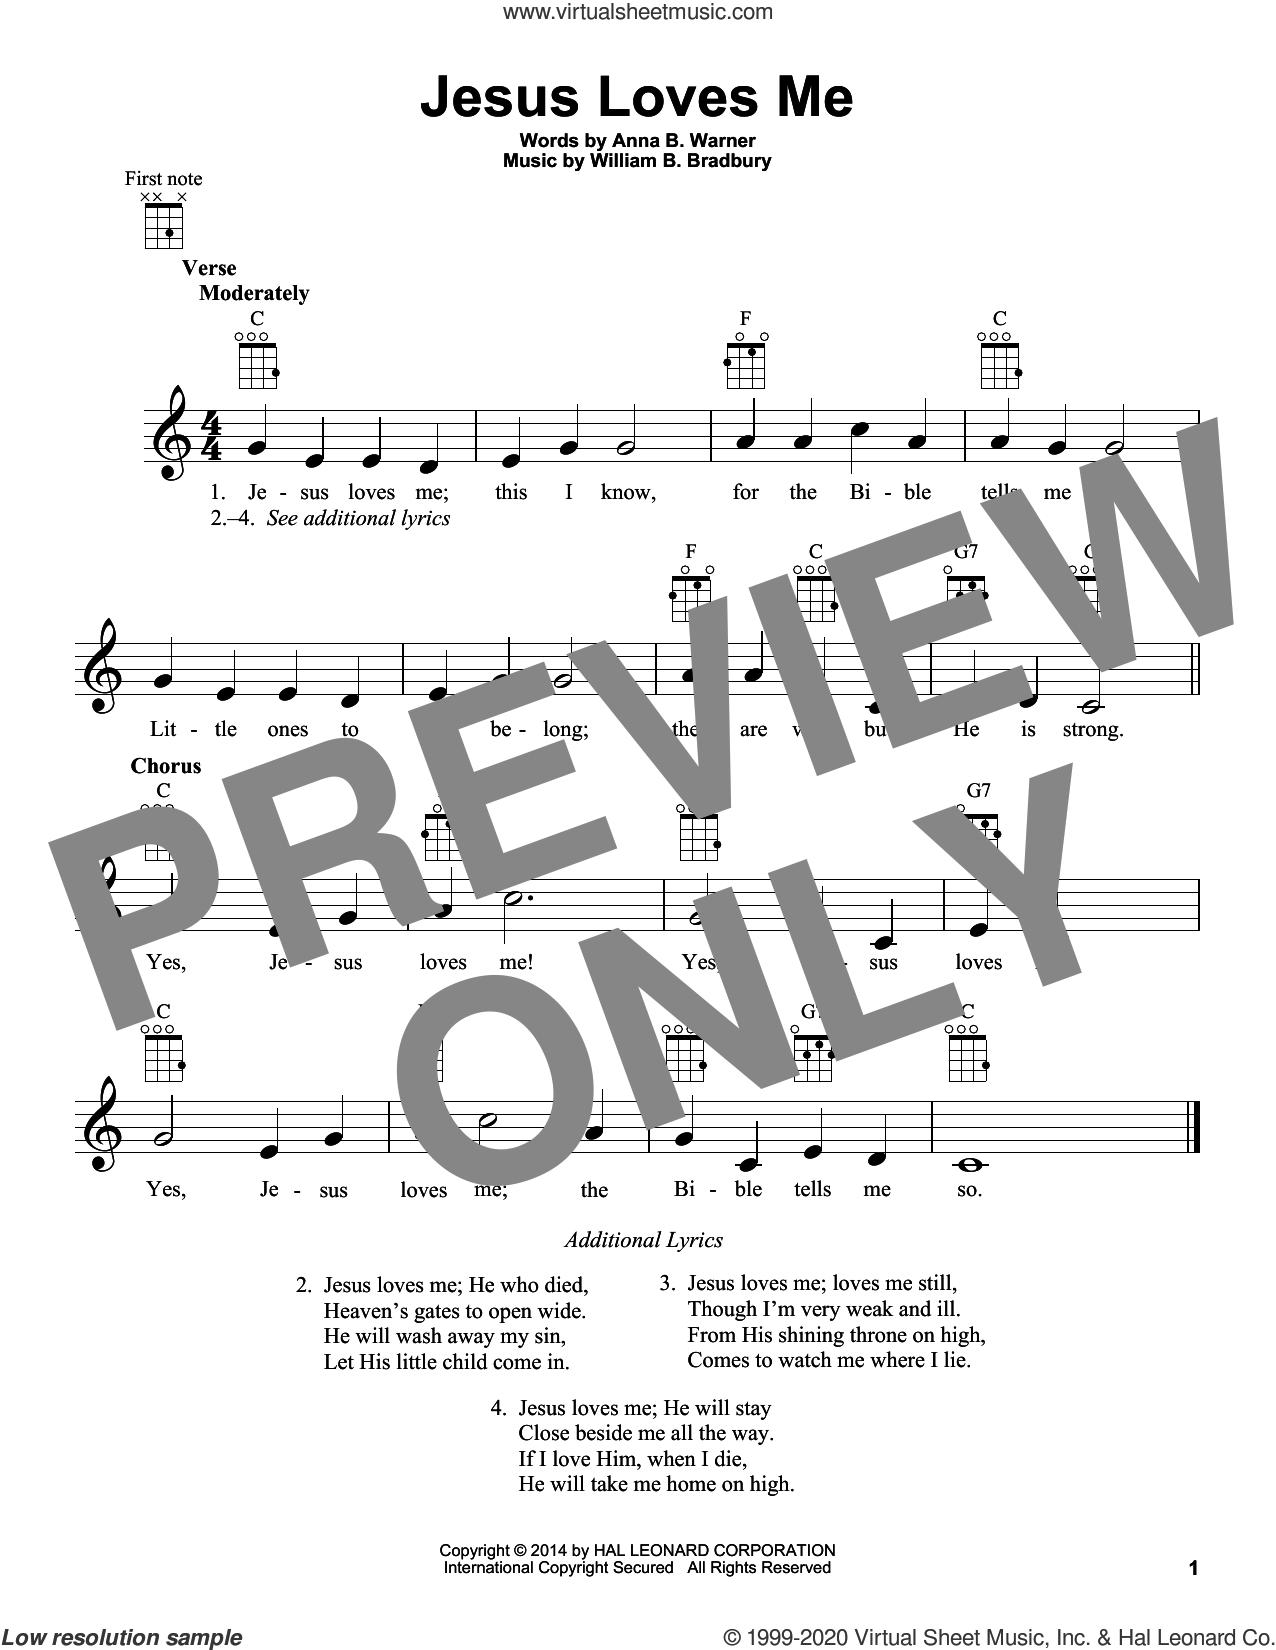 Jesus Loves Me sheet music for ukulele by William B. Bradbury, Anna B. Warner and Anna B. Warner and William B. Bradbury, intermediate skill level